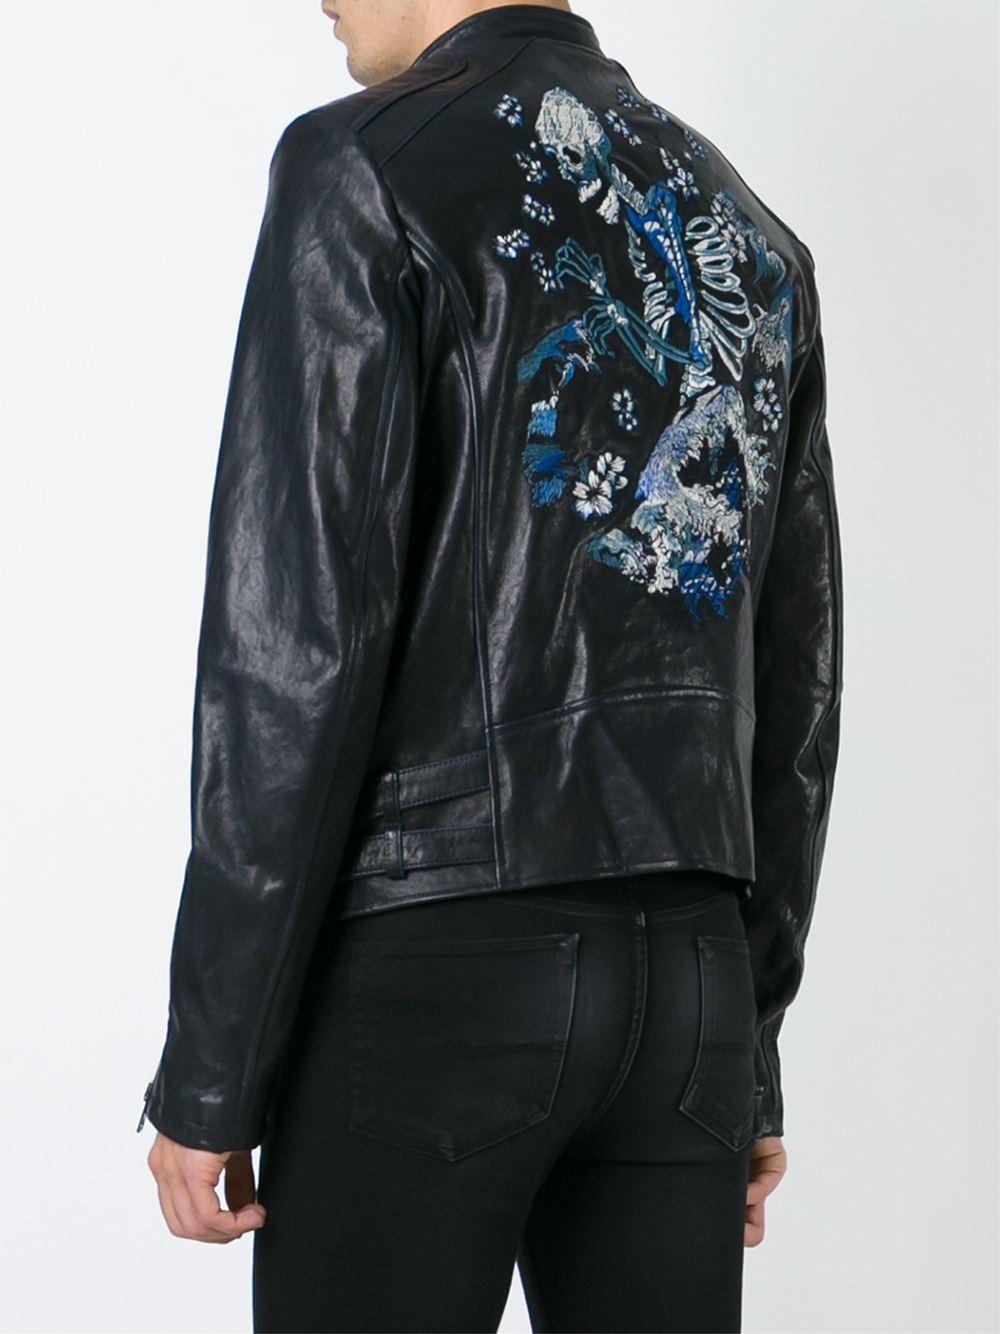 Arcteryx Jackets